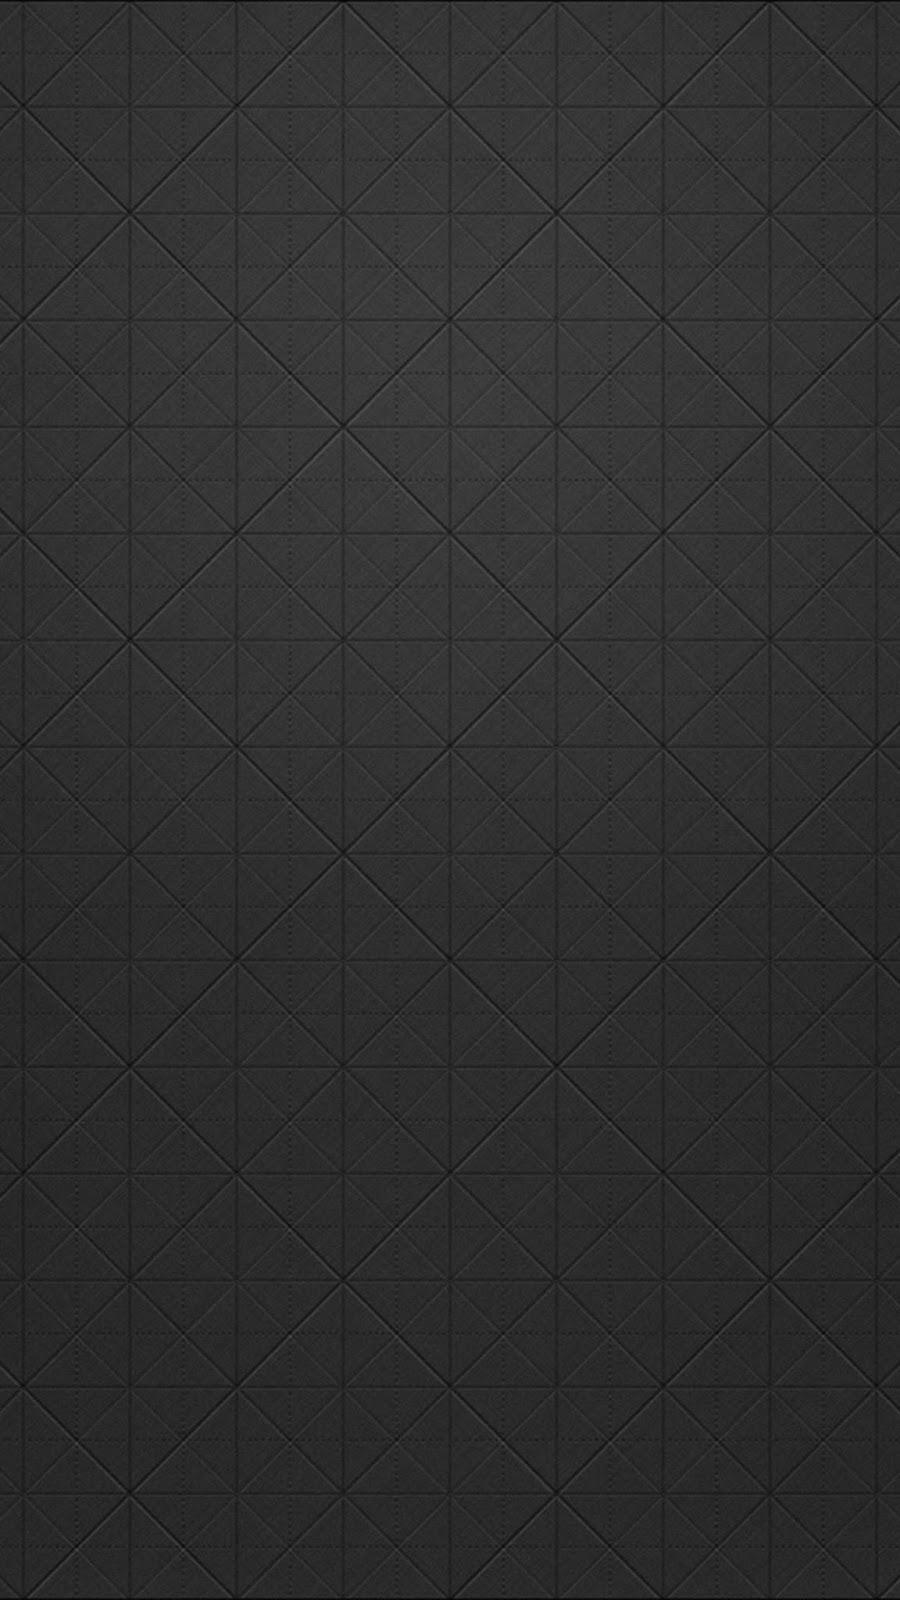 1440X2560 Vertical Wallpaper 900x1600